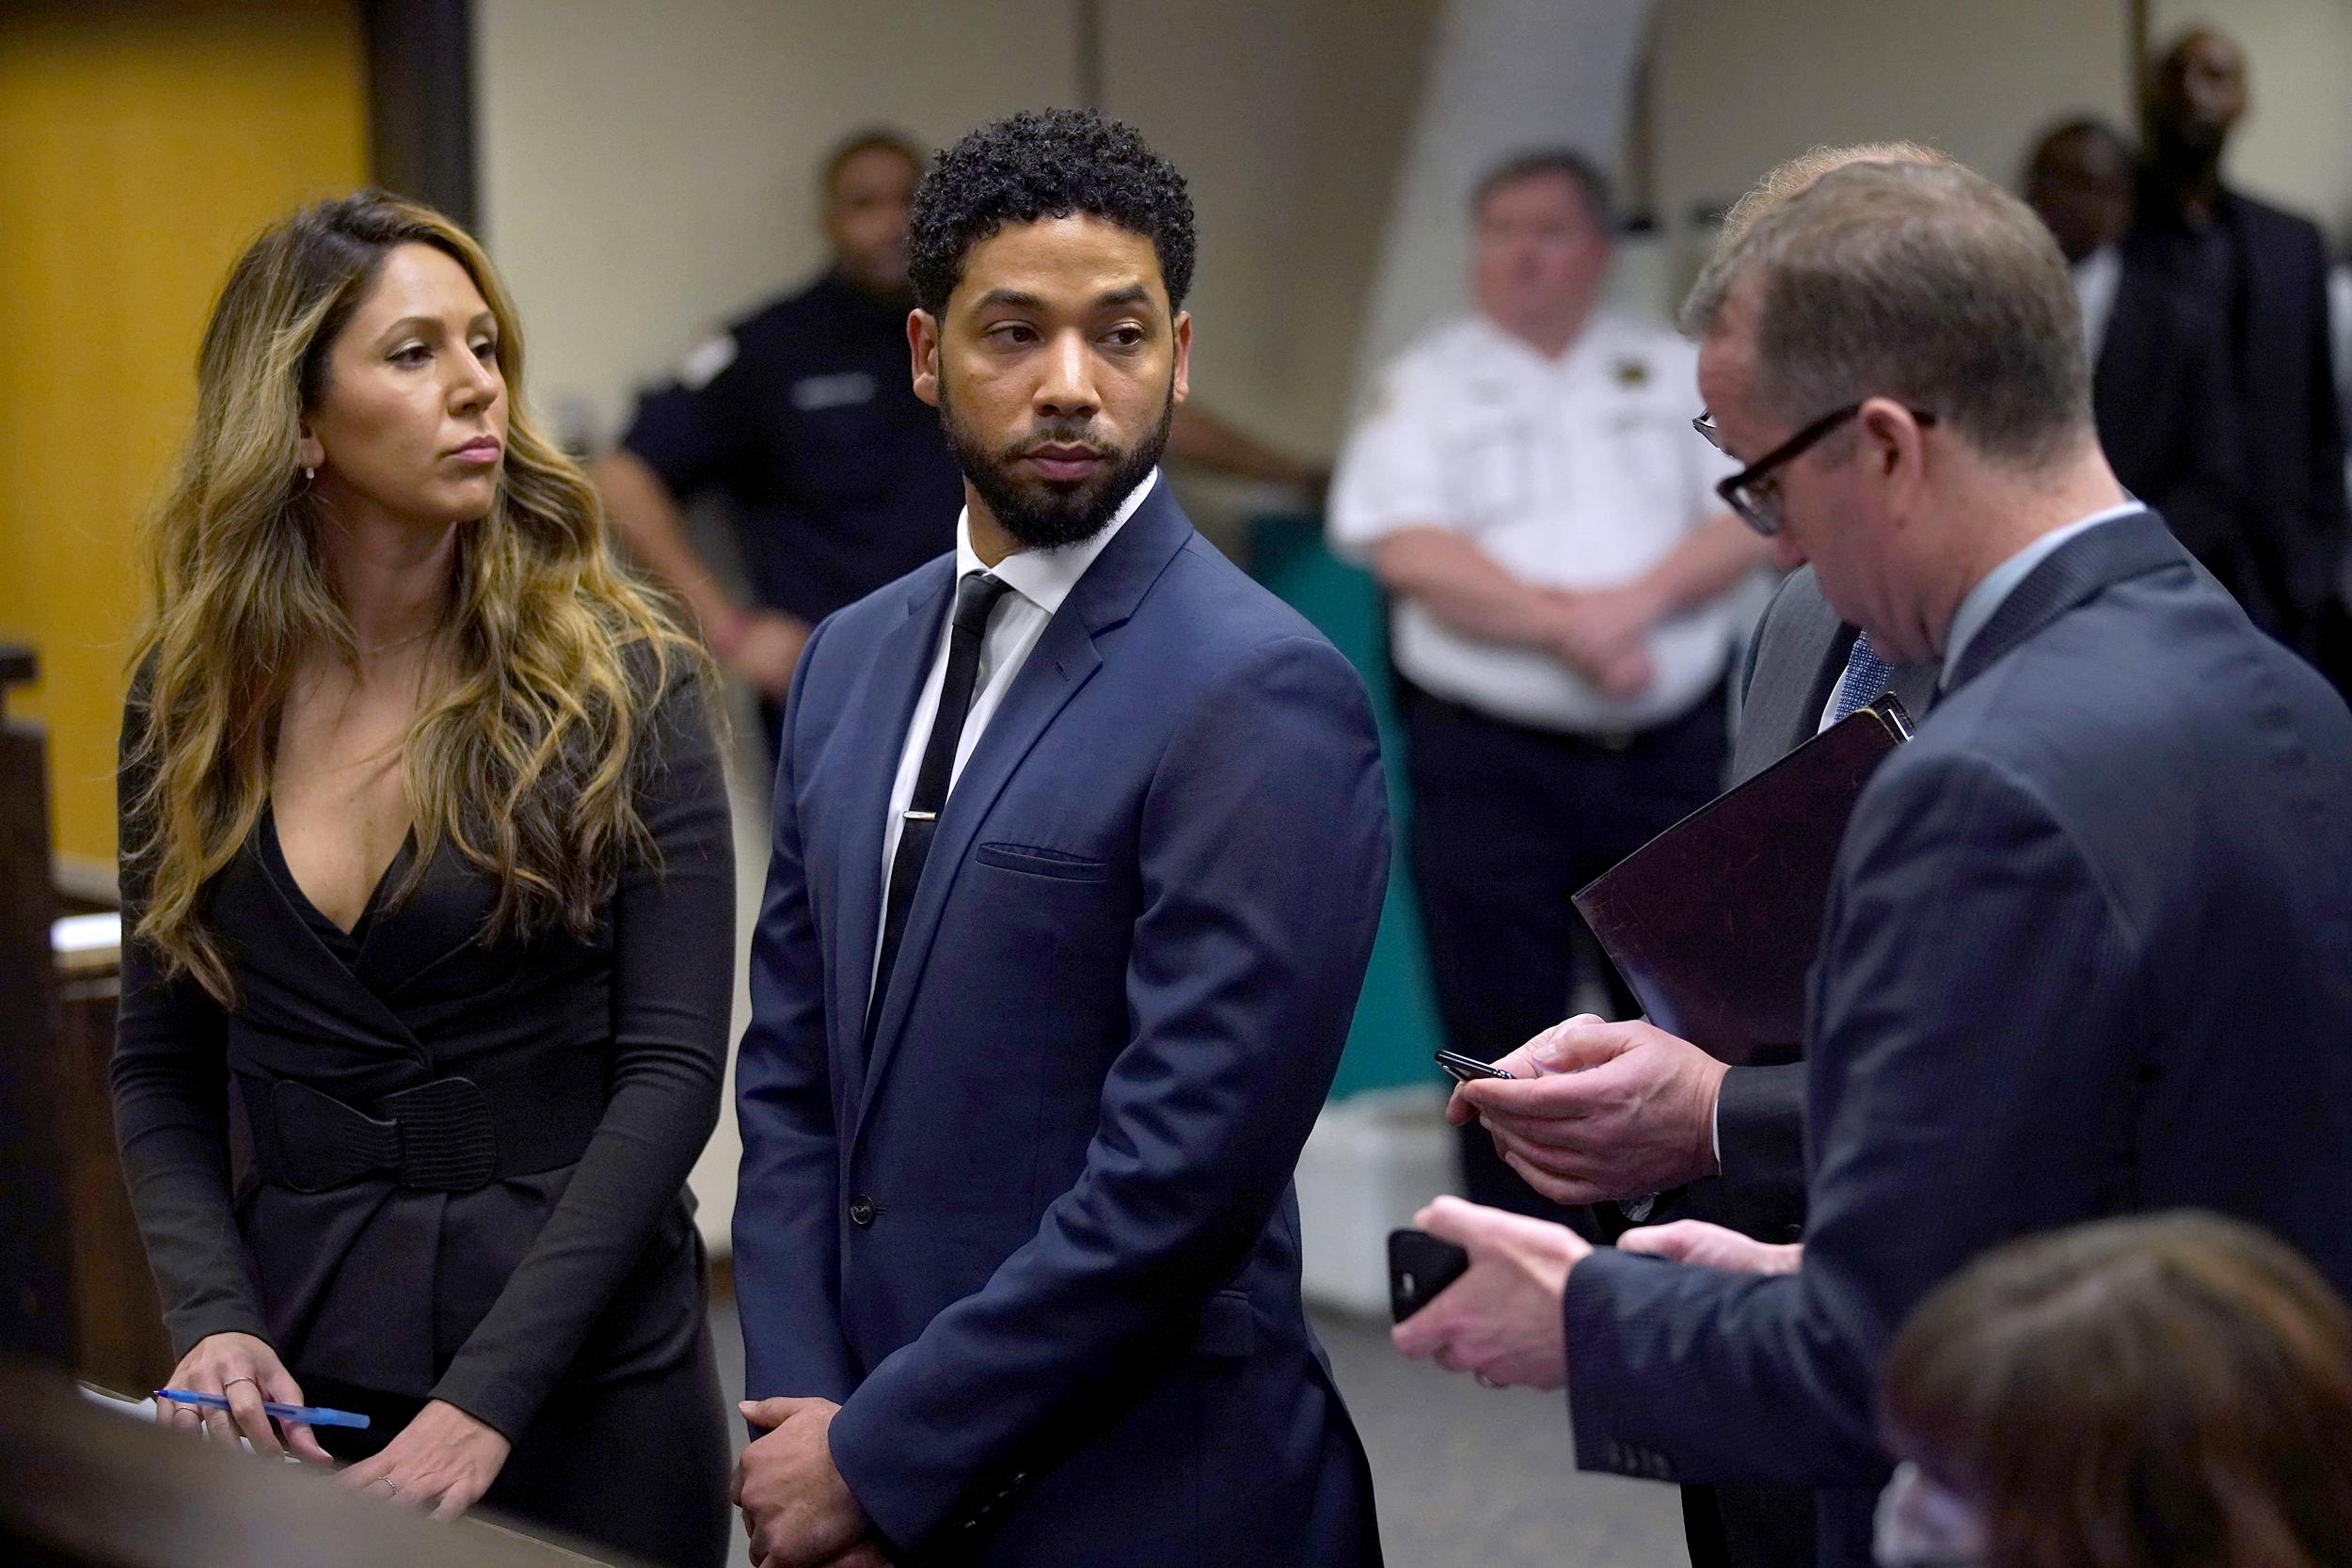 Chicago police release Jussie Smollett documents